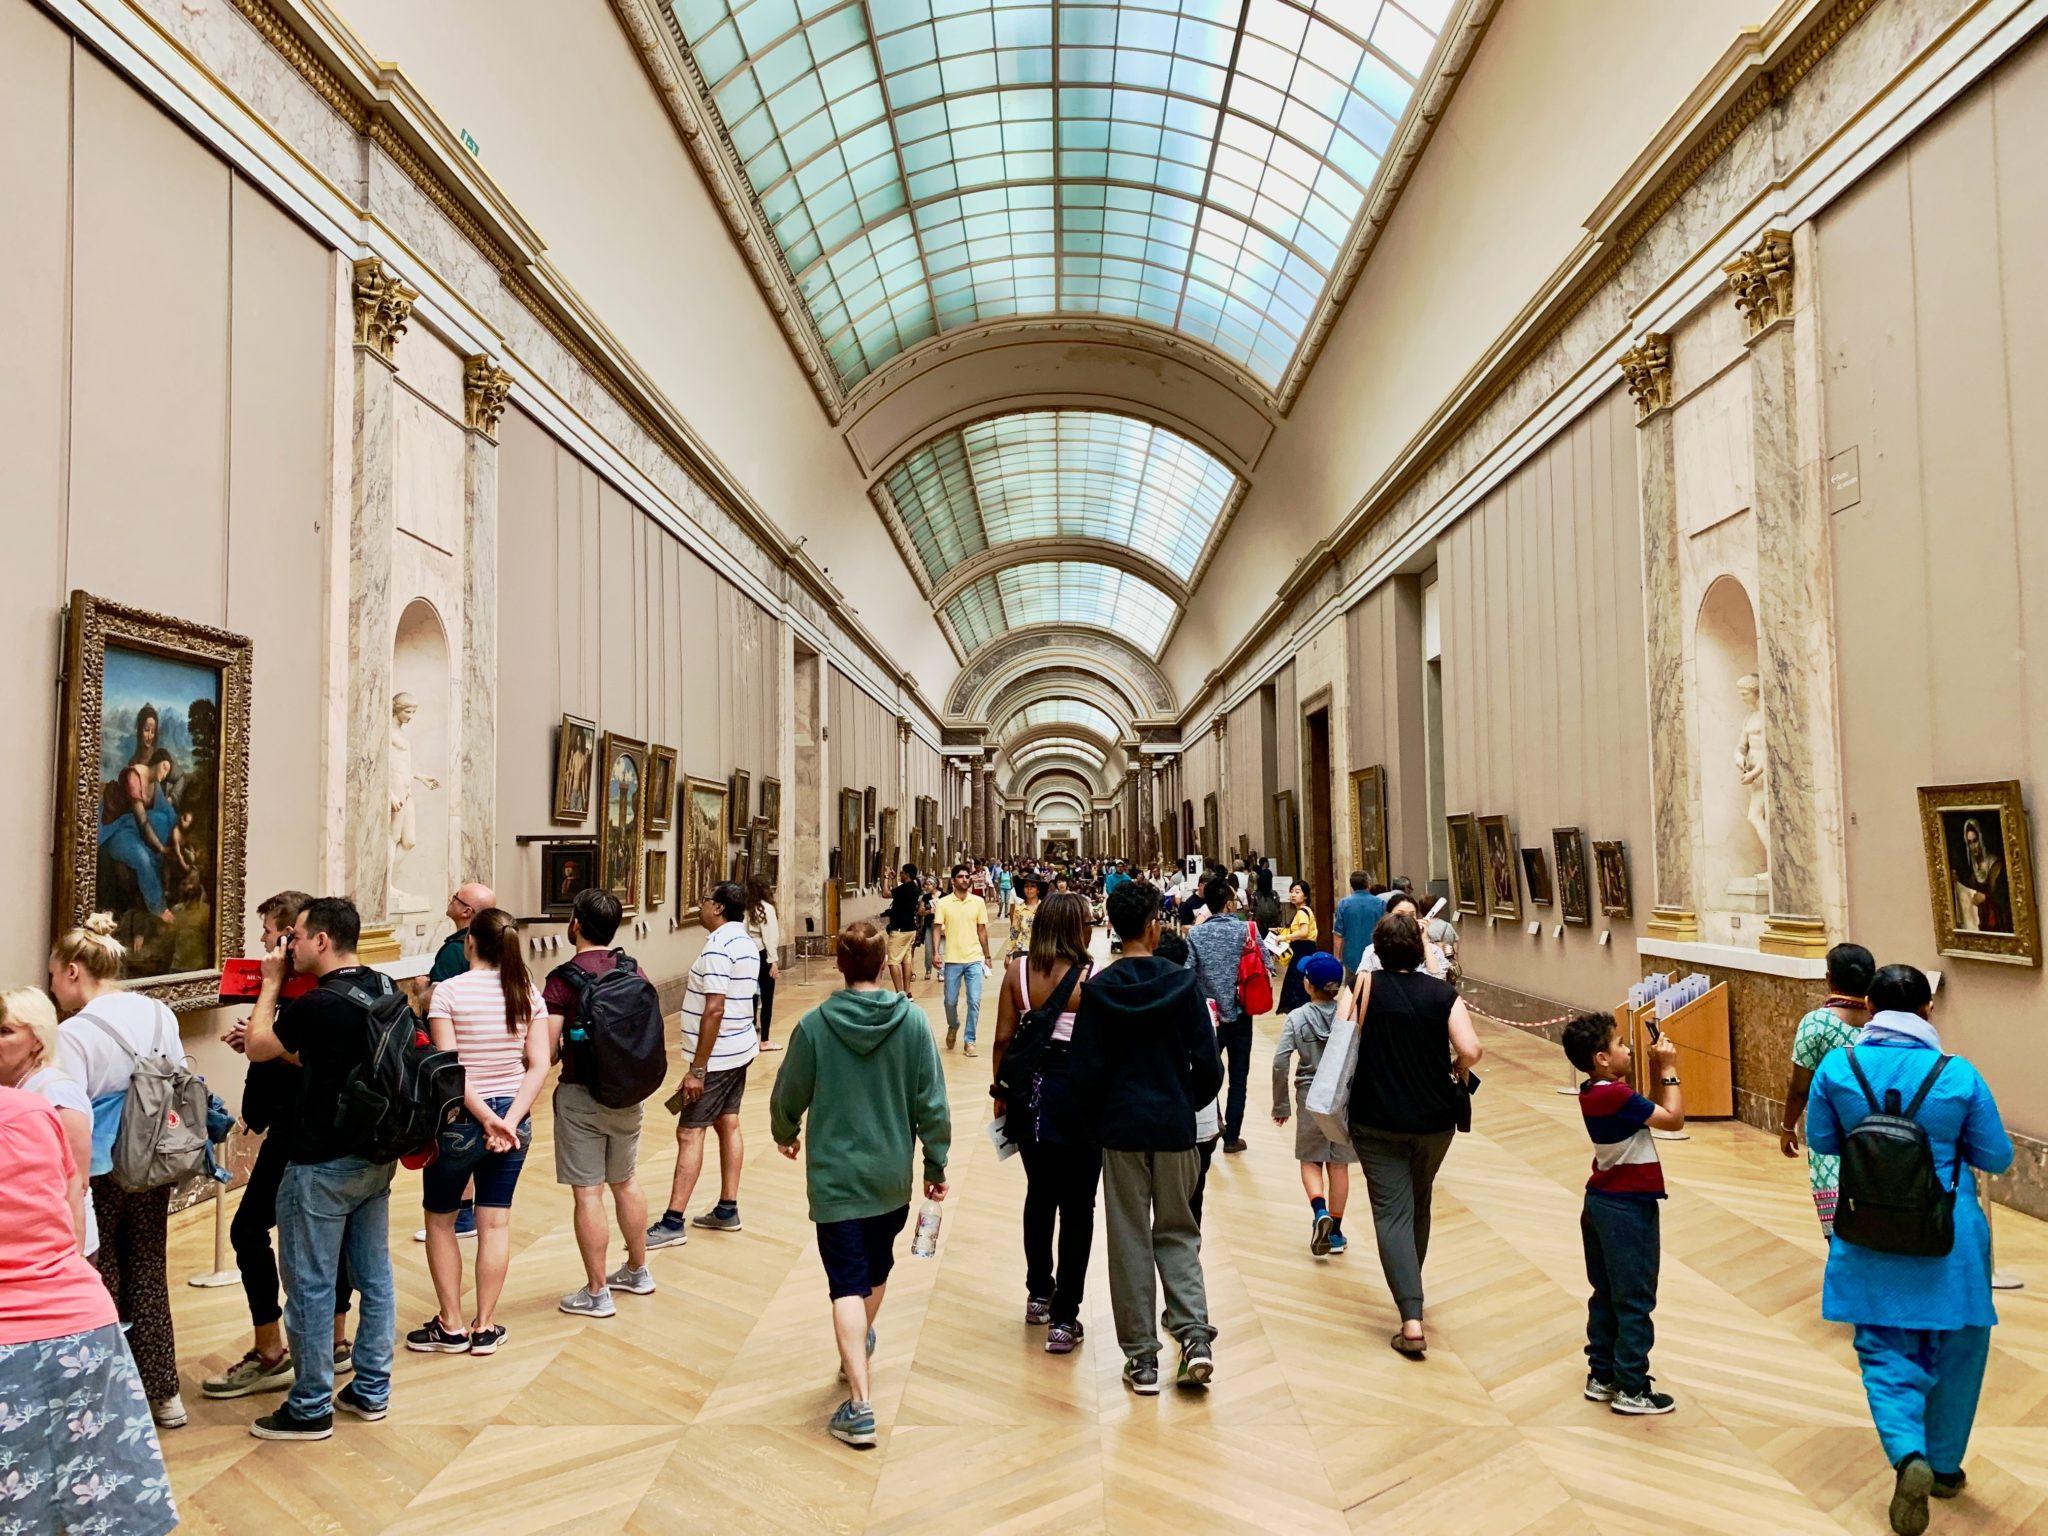 Réouverture des musées au déconfinement - calendrier 2020